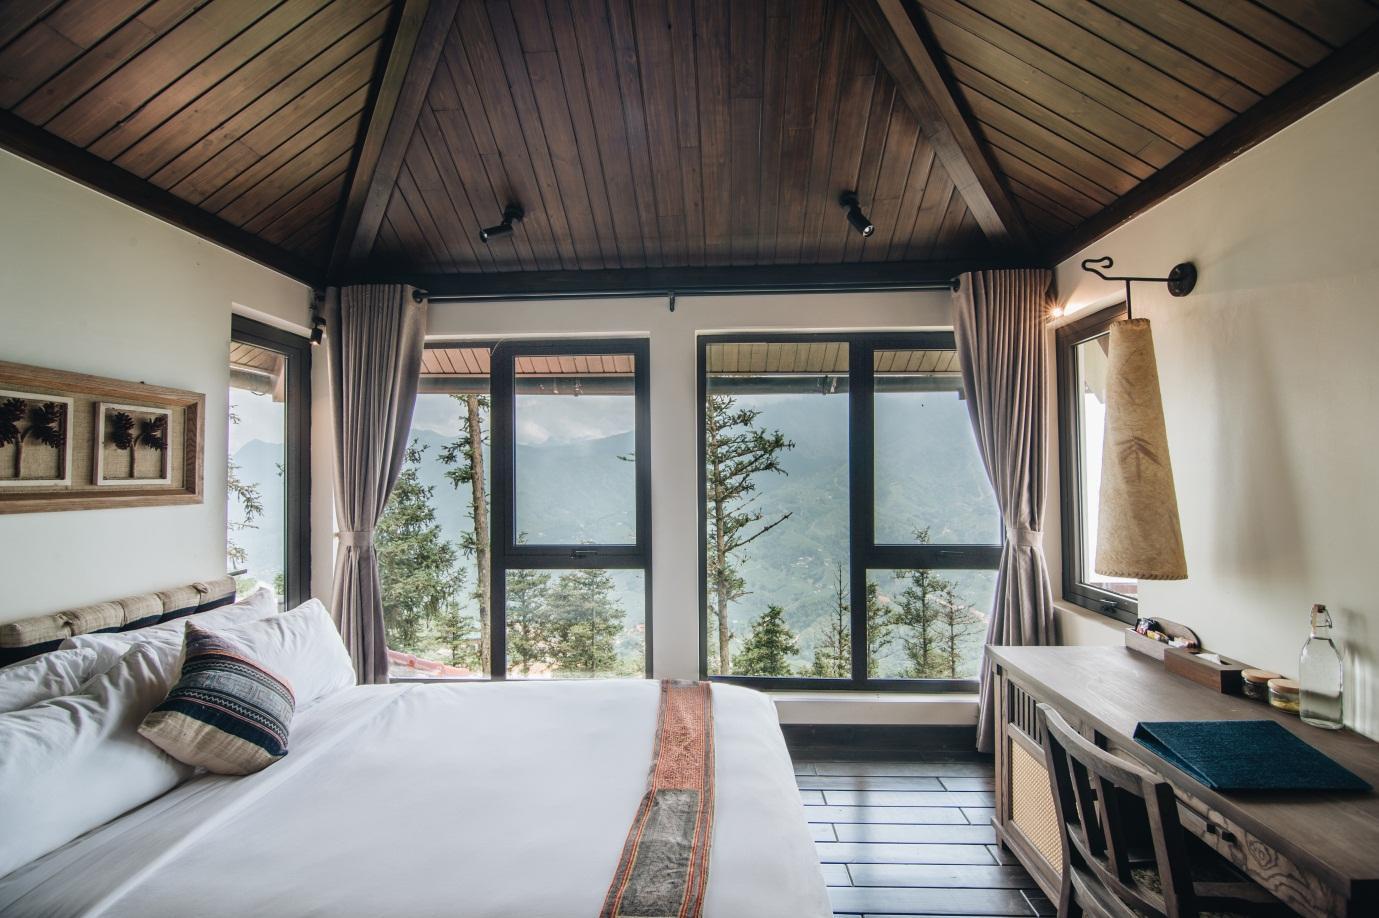 Lên rừng, xuống biển - Đây là 5 khu resort độc đáo, đẳng cấp ở Đông Nam Á để bạn lưu lại đi dần! - Ảnh 6.